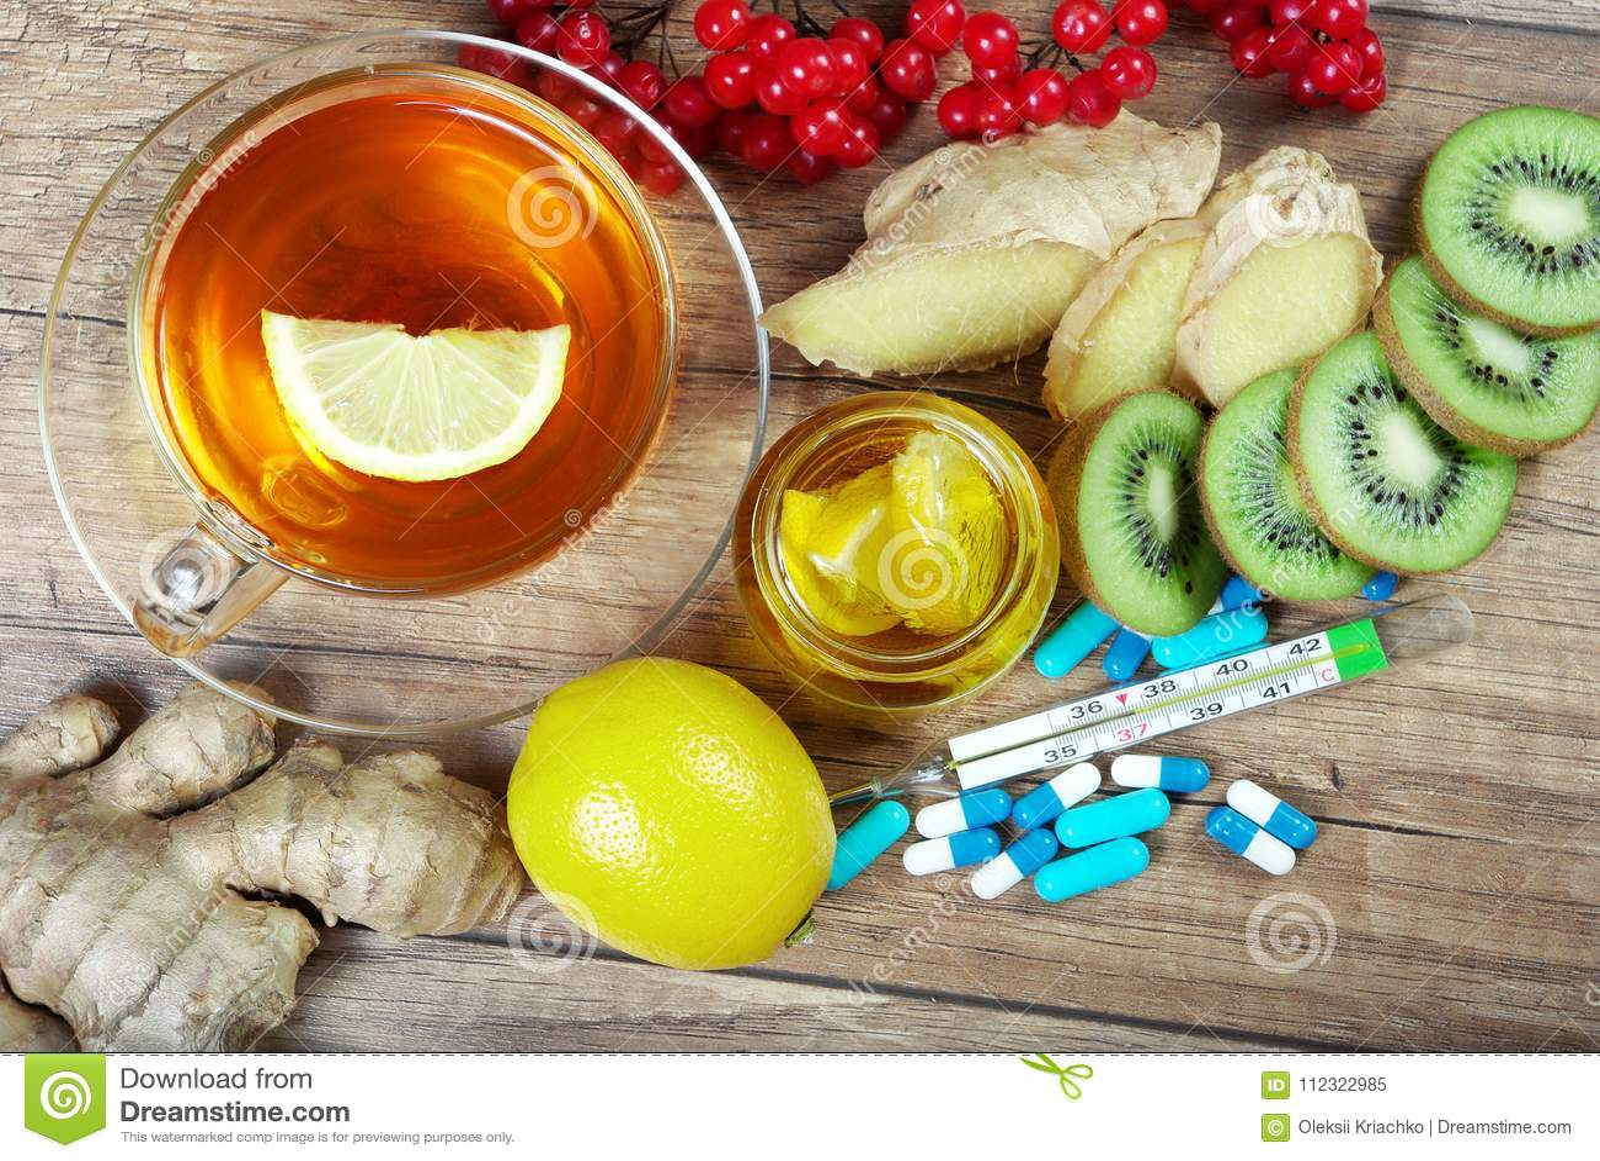 Te För Förkylning Och Influensa Vitaminte Honung Ingefära